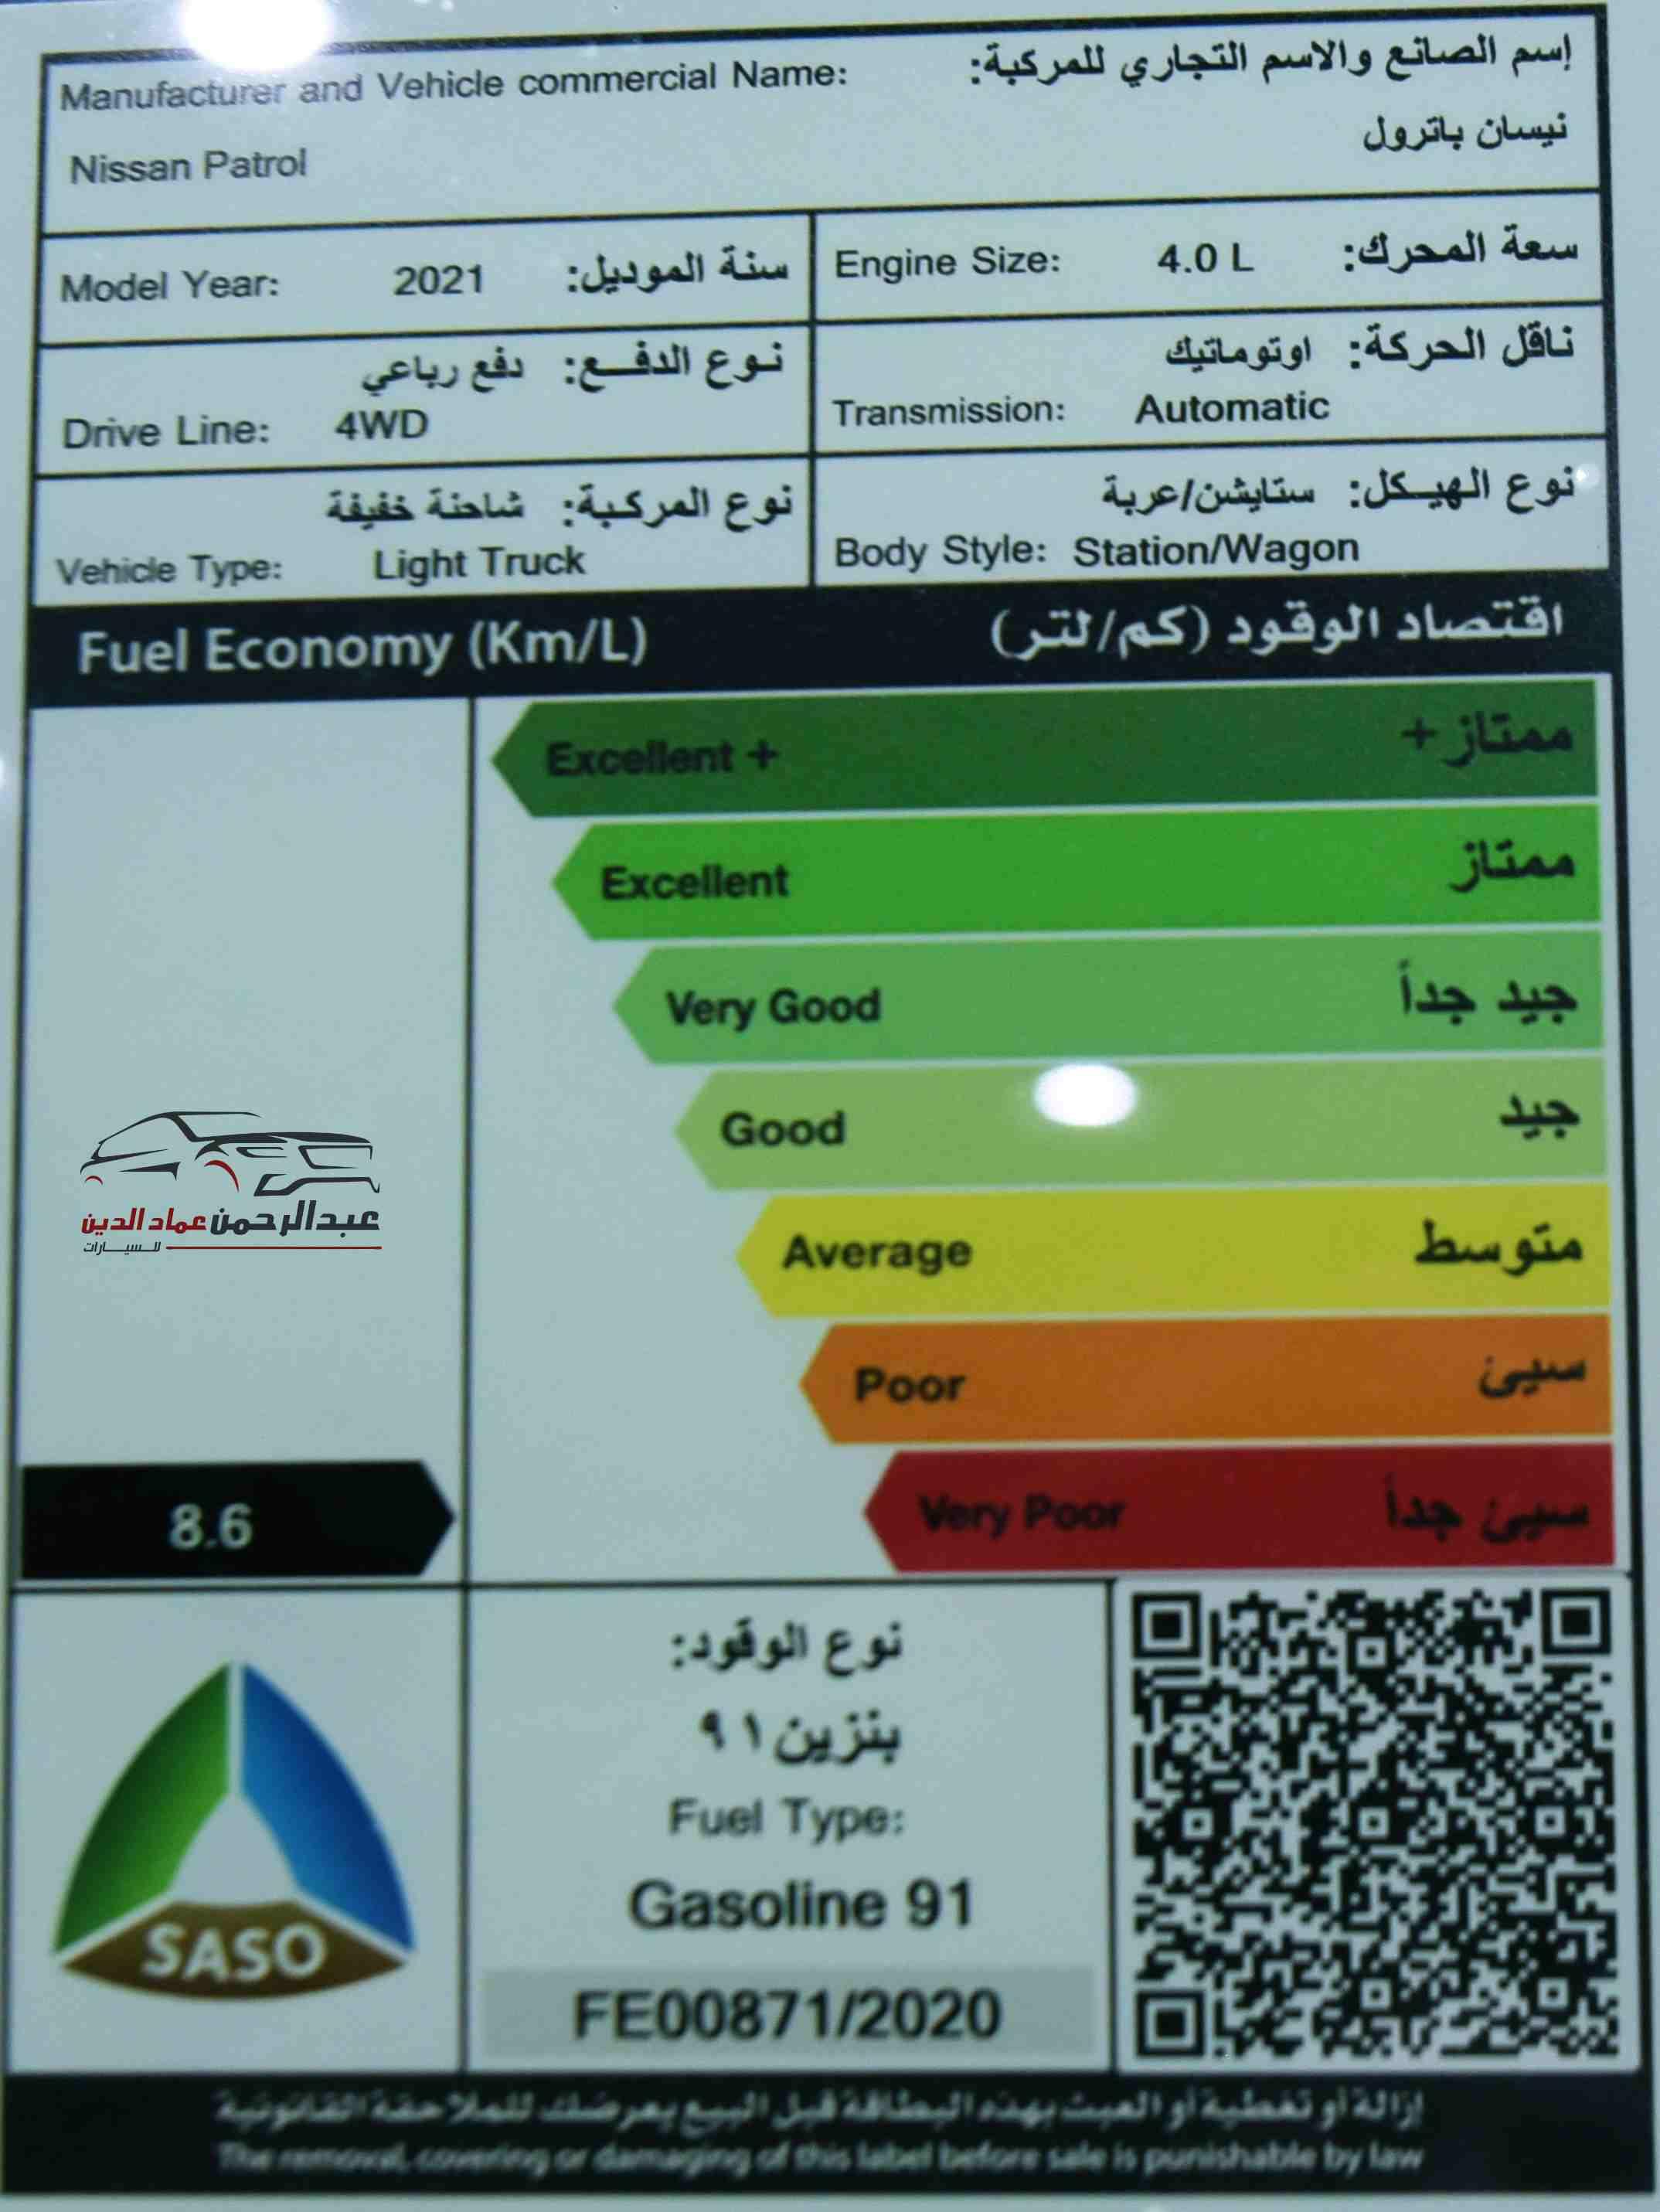 نيسان باترول 2021 V6  بلاتينيوم  SE  سعودي جديد  للبيع في الرياض - السعودية - صورة كبيرة - 4